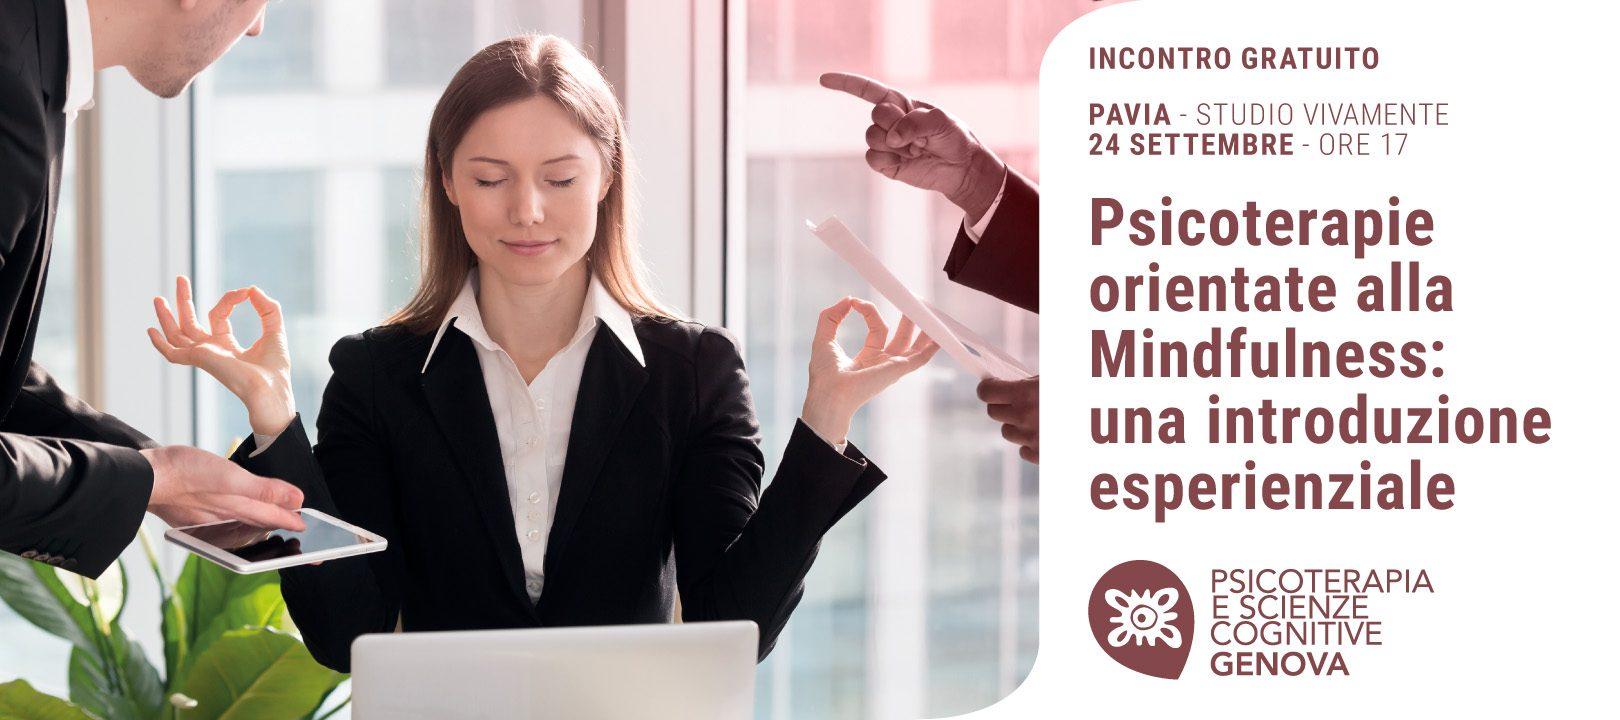 GENOVA-PAVIA - 240919 - Mindfulness - SC